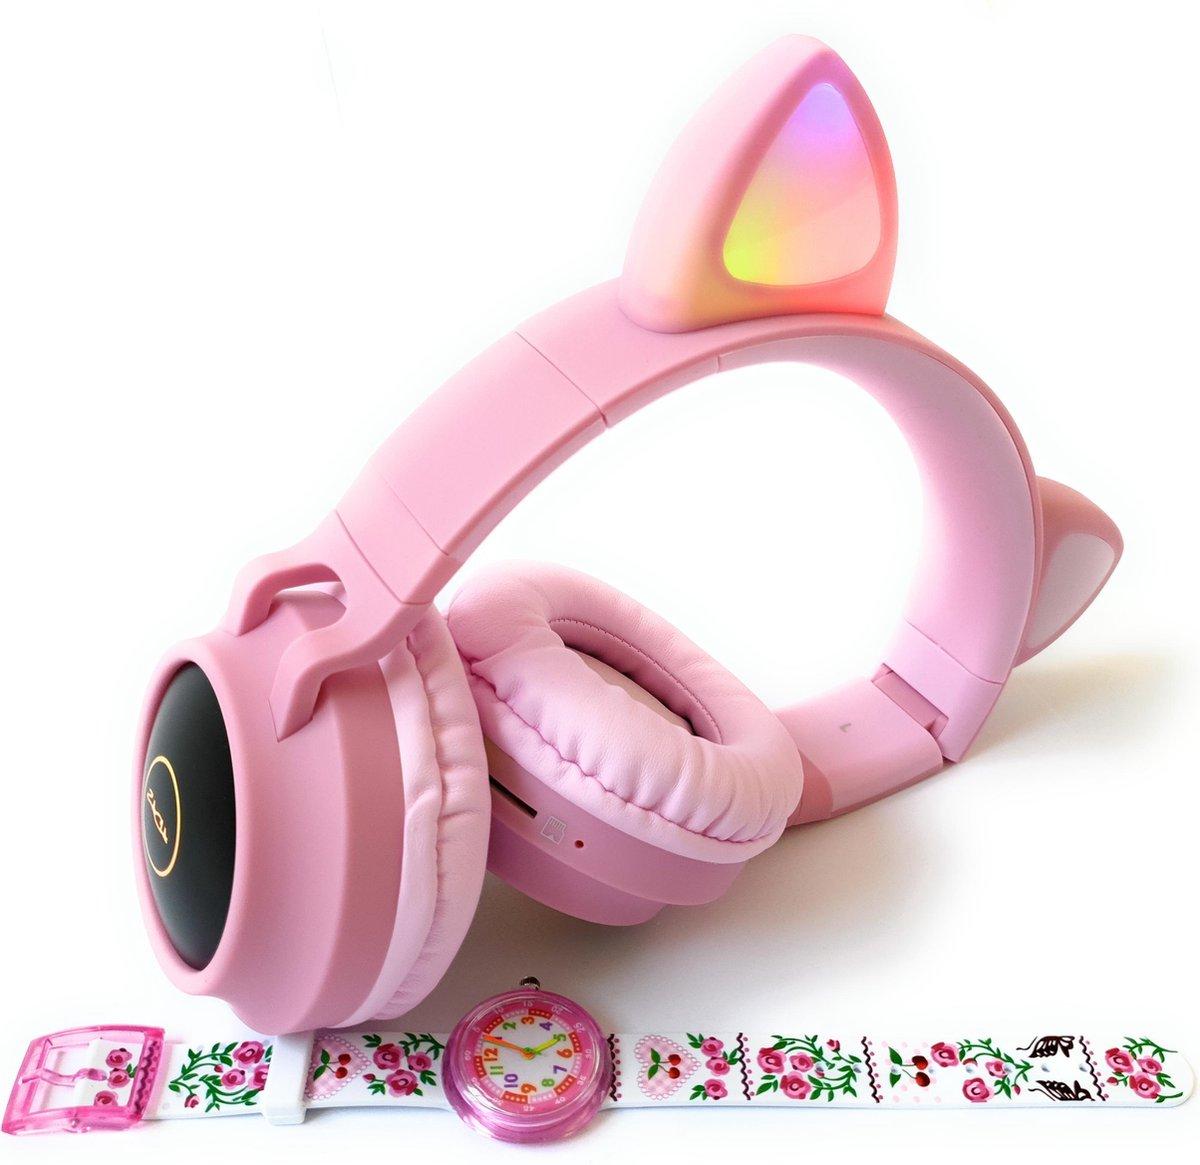 ZaCia Bluetooth Draadloze On-Ear Koptelefoon voor Kinderen Roze Incl. educatief kinderhorloge – Kattenoortjes – Kinder Hoofdtelefoon – Microfoon – HiFi Stereo Audio – Handsfree – Gehoorbescherming – Schakelbare LED-verlichting – Noise Cancelling